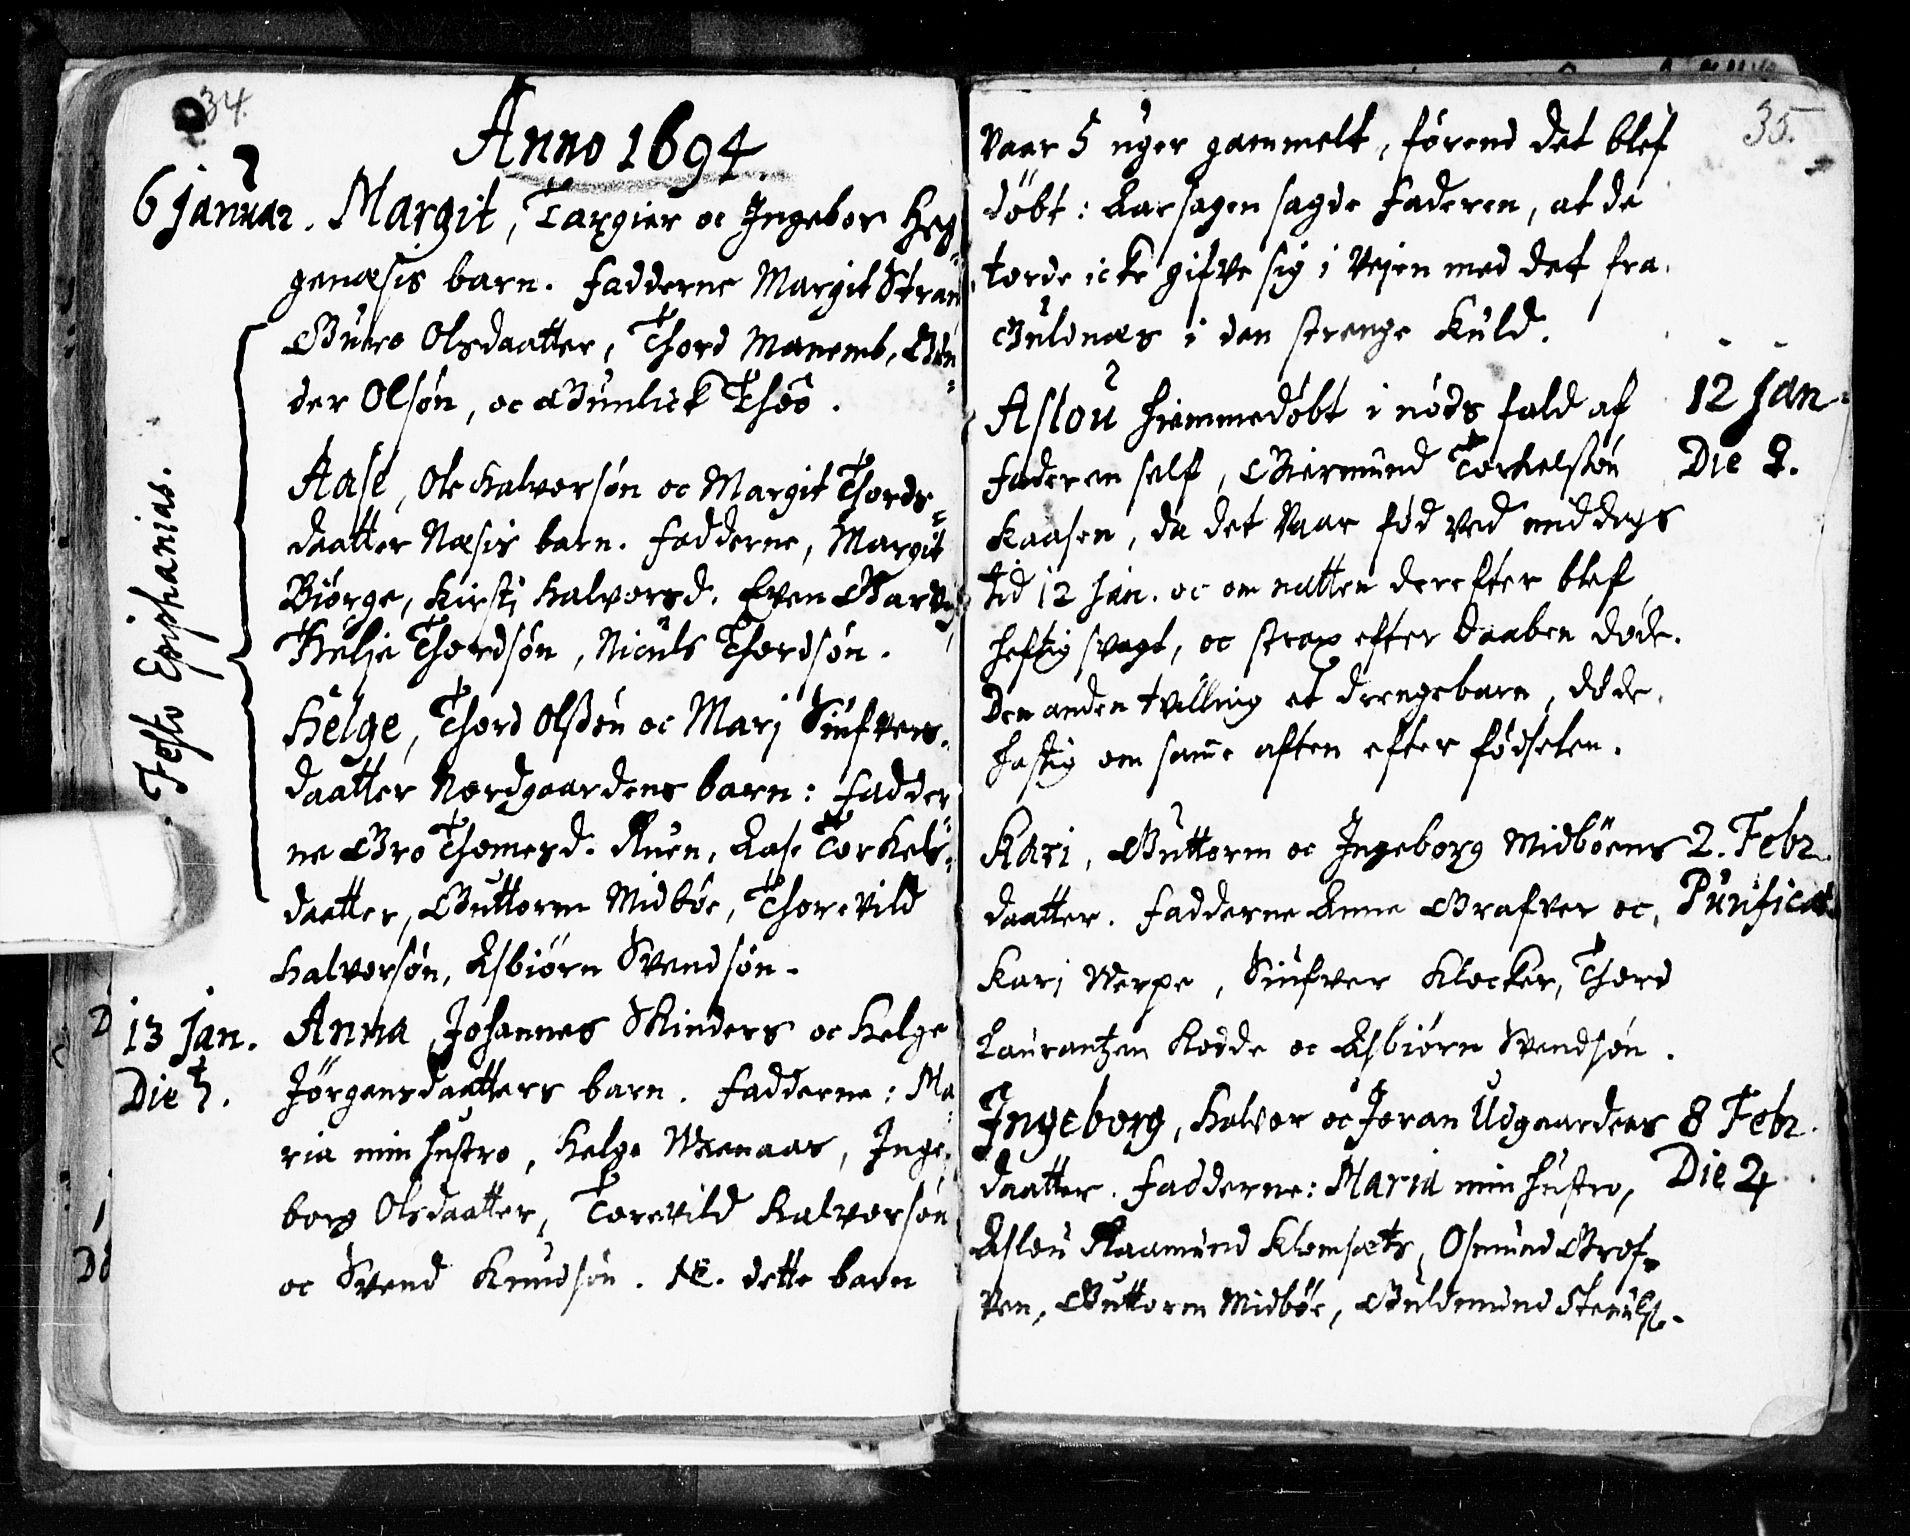 SAKO, Seljord kirkebøker, F/Fa/L0002: Ministerialbok nr. I 2, 1689-1713, s. 34-35